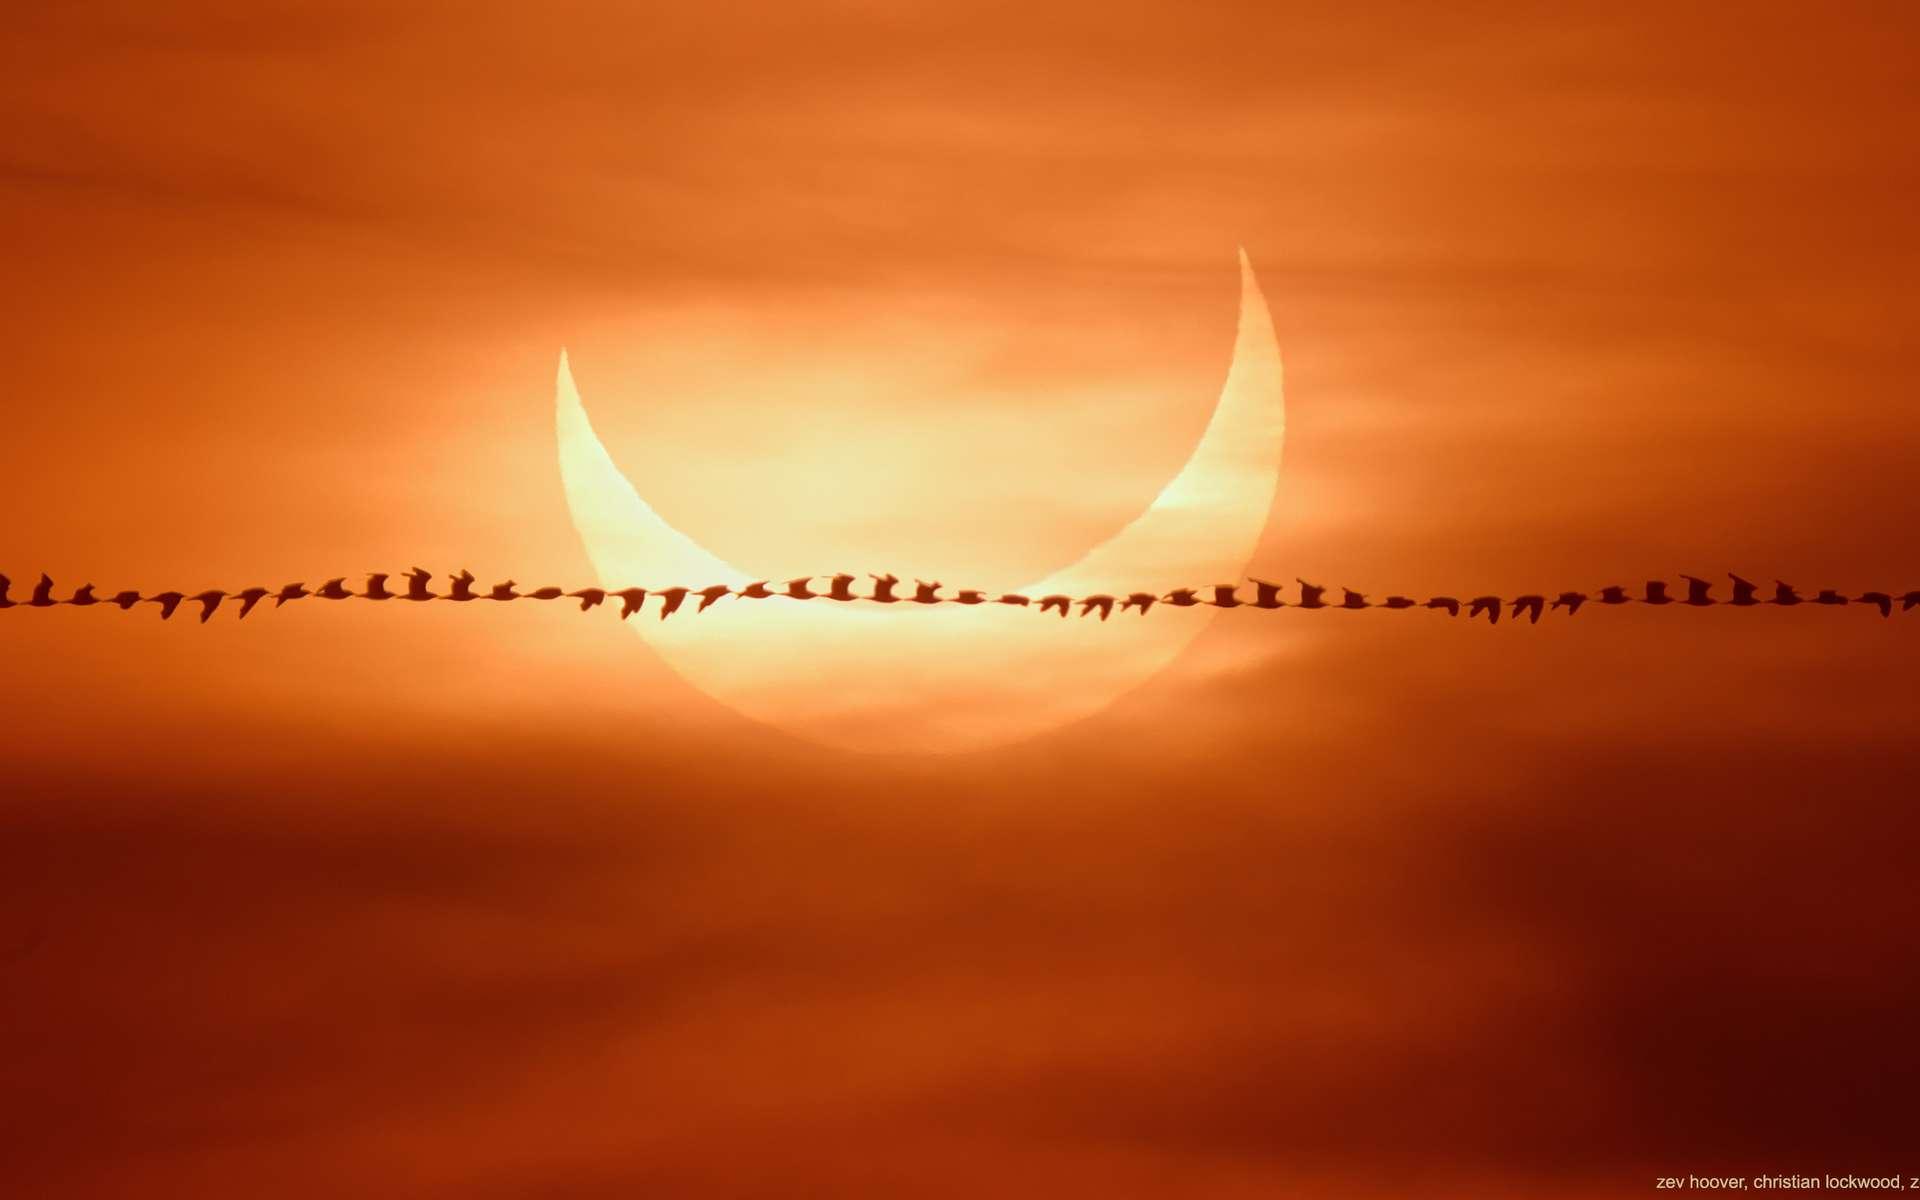 Éclipse partielle solaire photographiée au lever du jour sur une plage du Massachussets. © Zev Hoover, Christian Lockwood, Zoe Chakoian, Apod (Nasa)